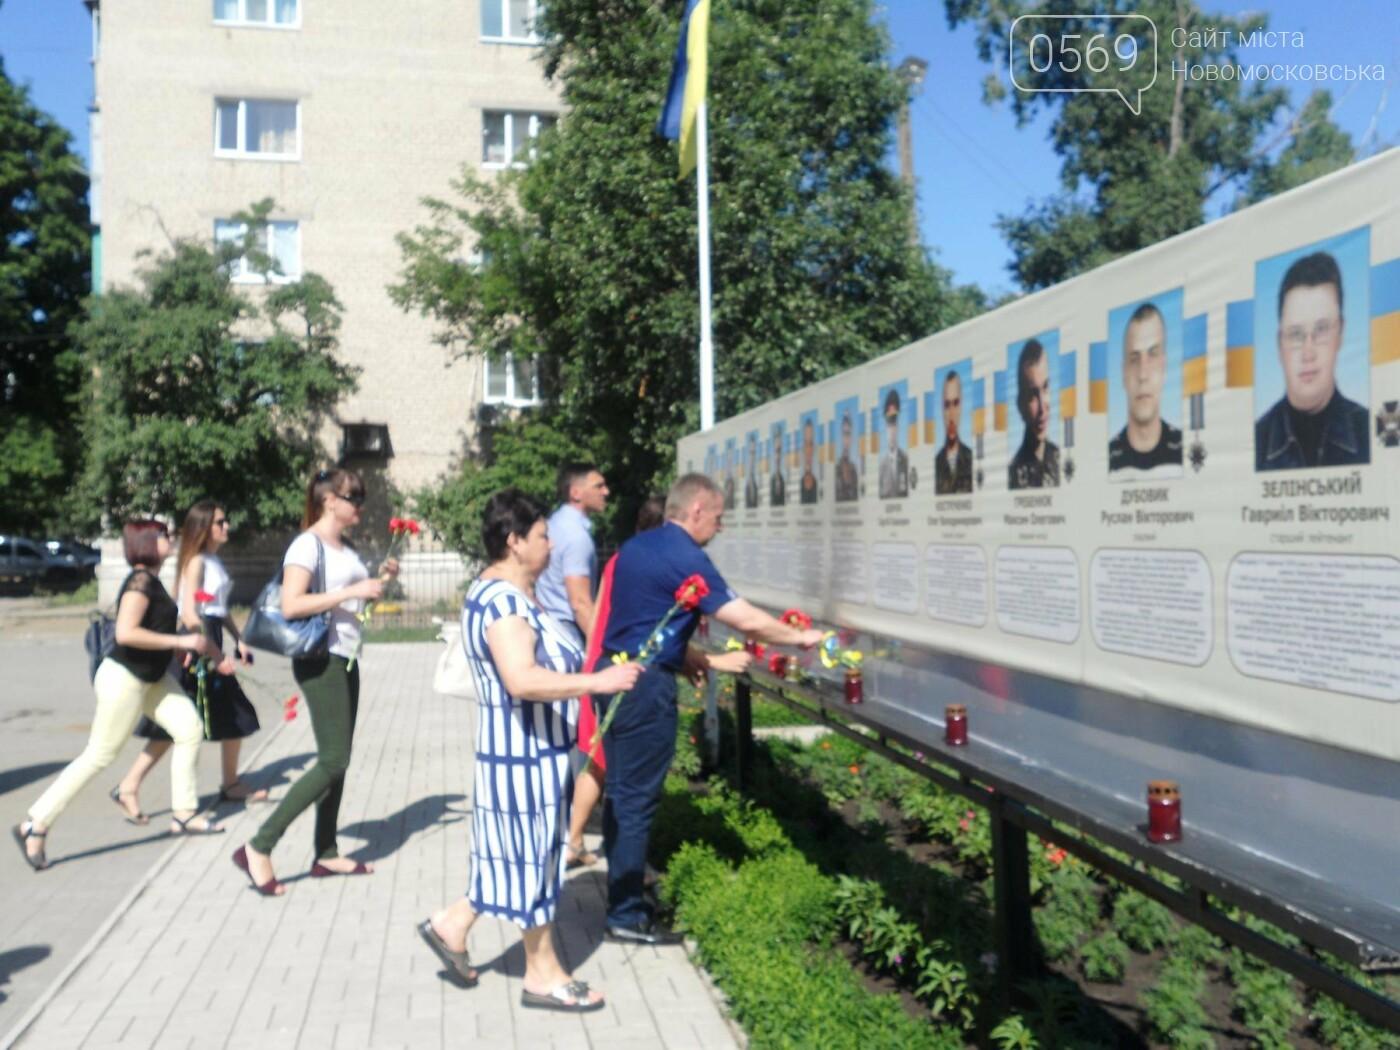 В Новомосковську вшанували пам'ять жертв Другої світової війни, фото-9